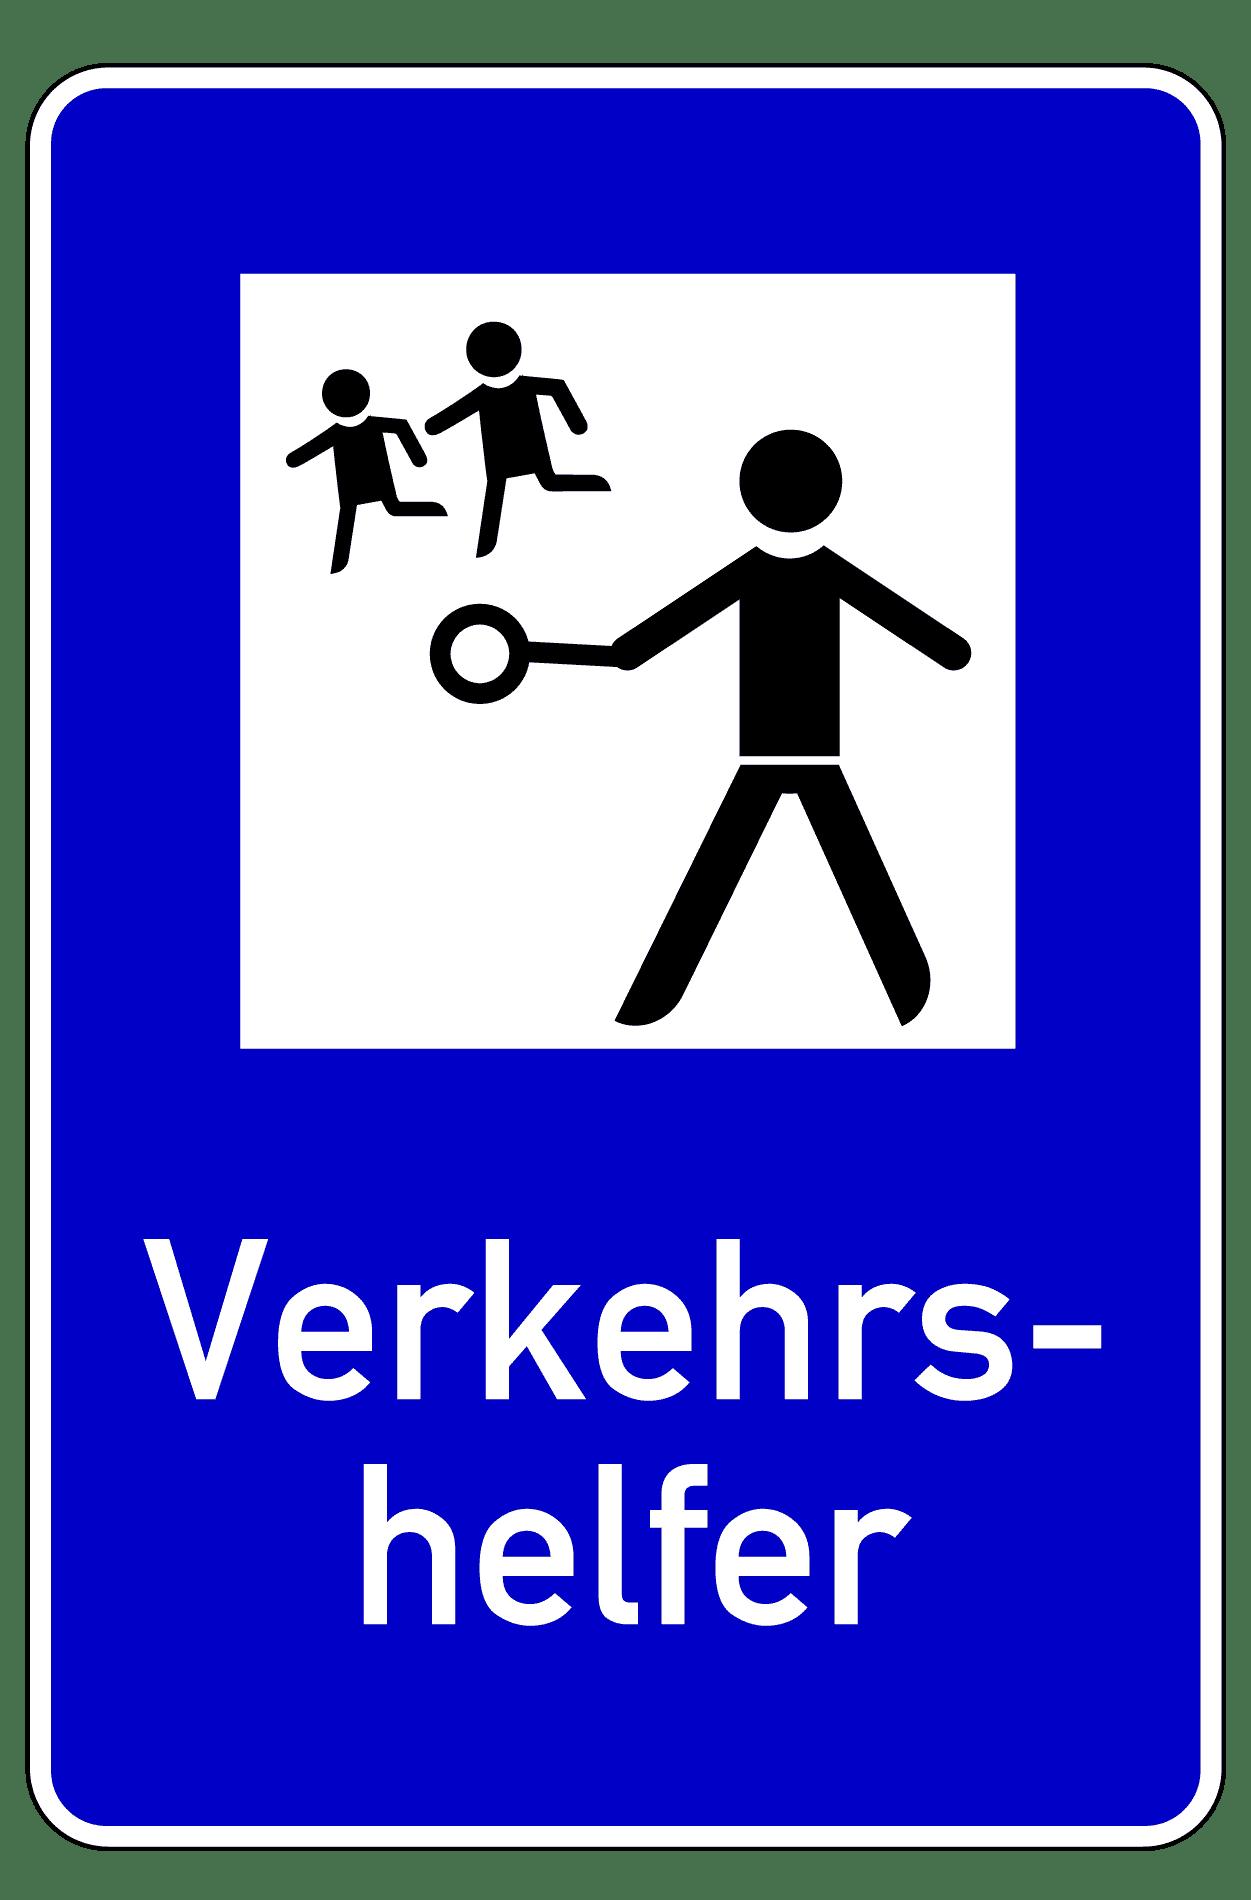 Verkehrszeichen 356